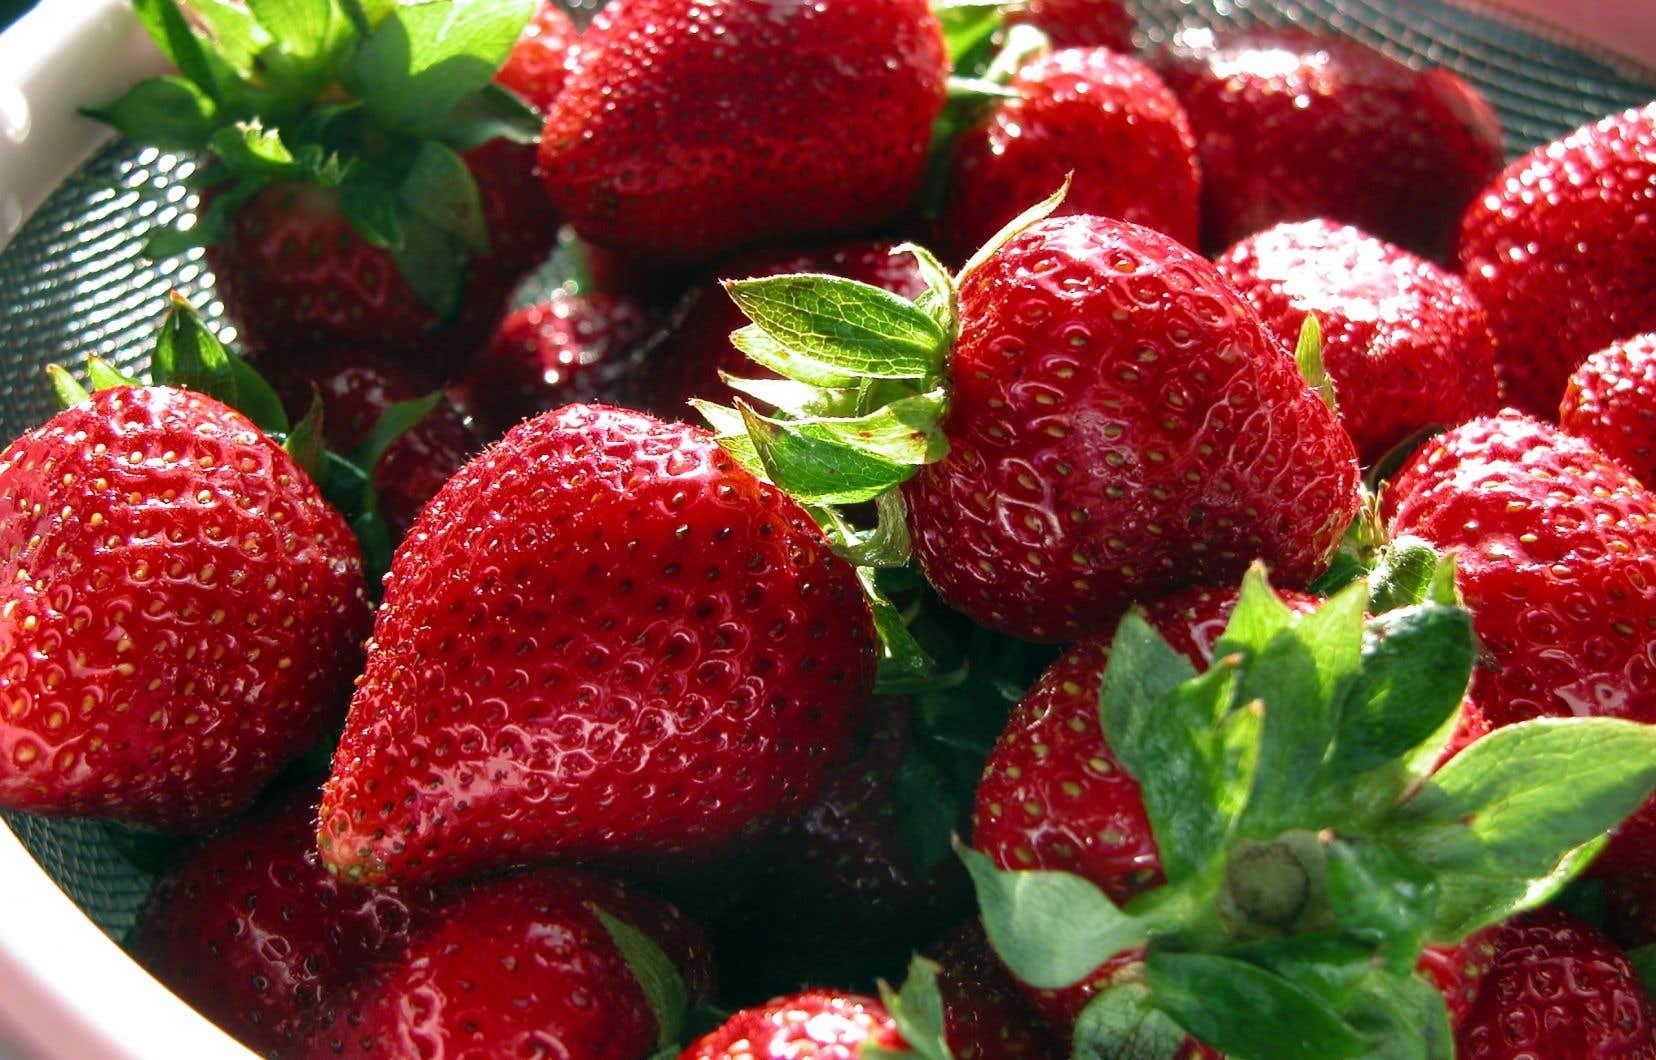 En juin, quand les fraises du Québec arrivent enfin, il n'y a qu'un mot d'ordre: se bourrer la fraise!